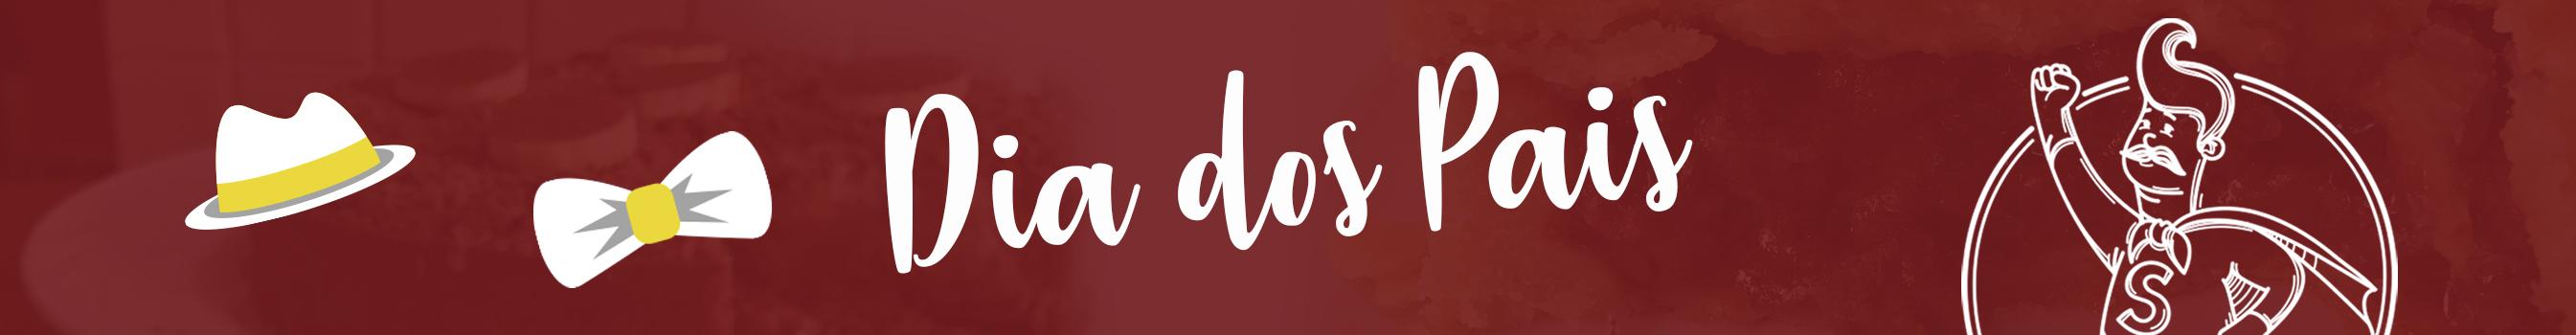 Banner Dia dos Pais 2019